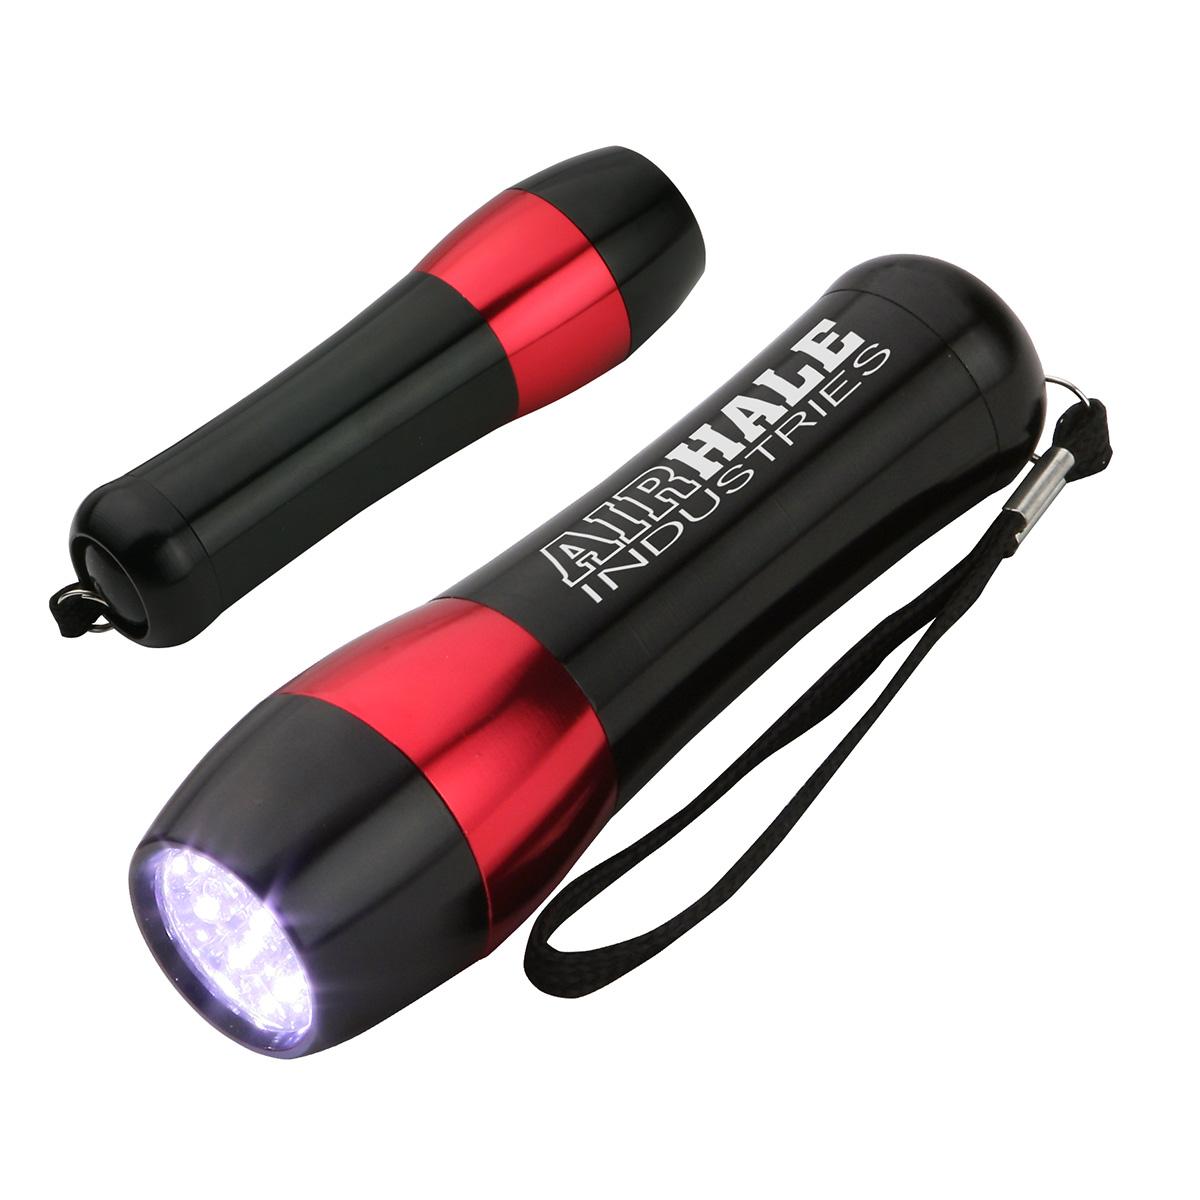 Aluminum LED Flashlight, WLT-NF12, Laser Engraved Logo